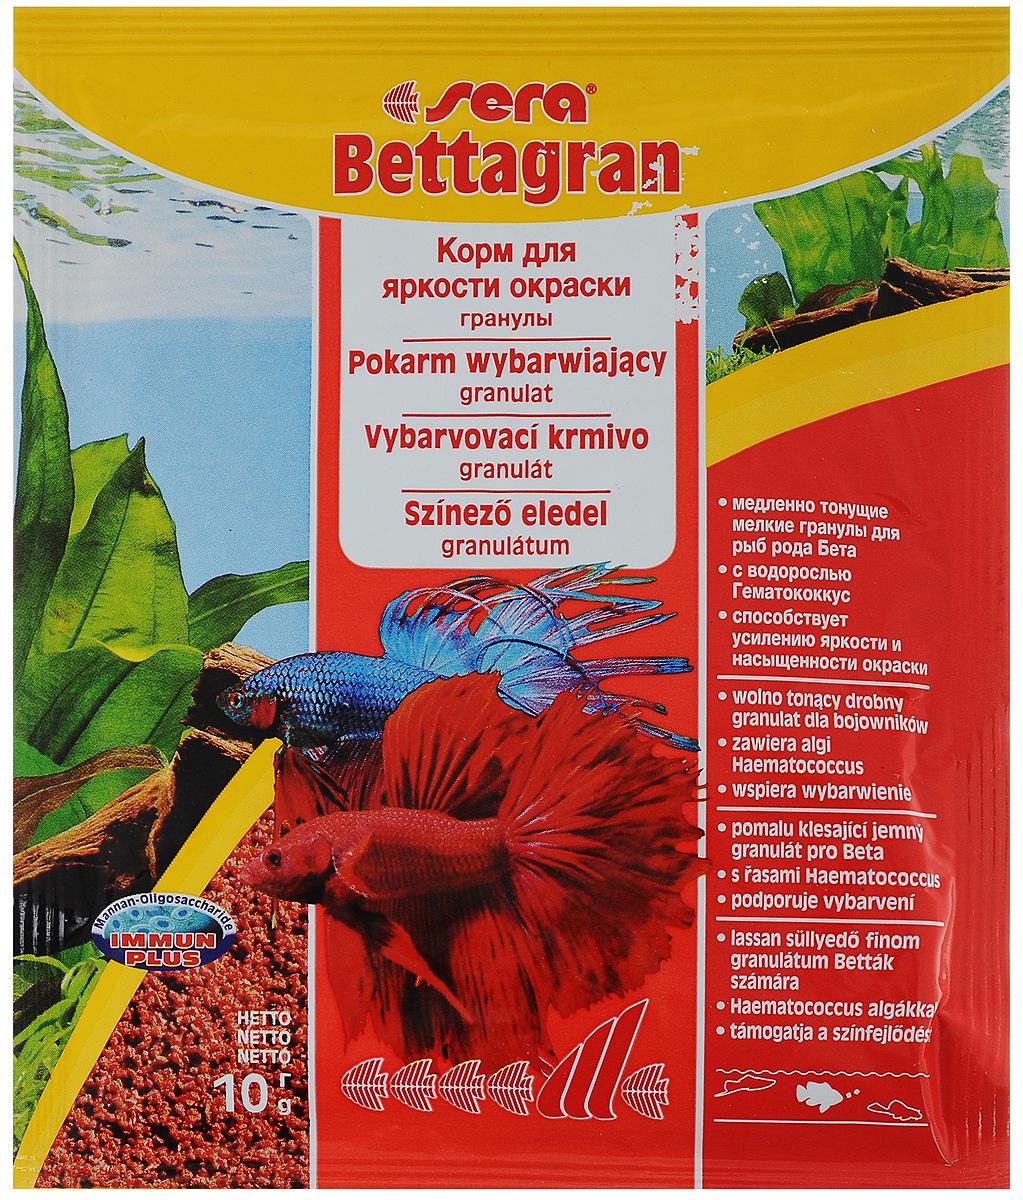 Корм для рыб Sera Bettagran, 10 г0103Корм Sera Bettagran предназначен для усиления яркости окраски рыб рода Betta, а также всех видов рыб, кормящихся в средних слоях воды. Высококачественные ингредиенты корма, такие как водоросль Гематококкус, усиливают яркость и насыщенность окраски рыб естественным путем. Медленно тонущие гранулы, надолго сохраняют свою форму в воде, не загрязняя ее.Товар сертифицирован.